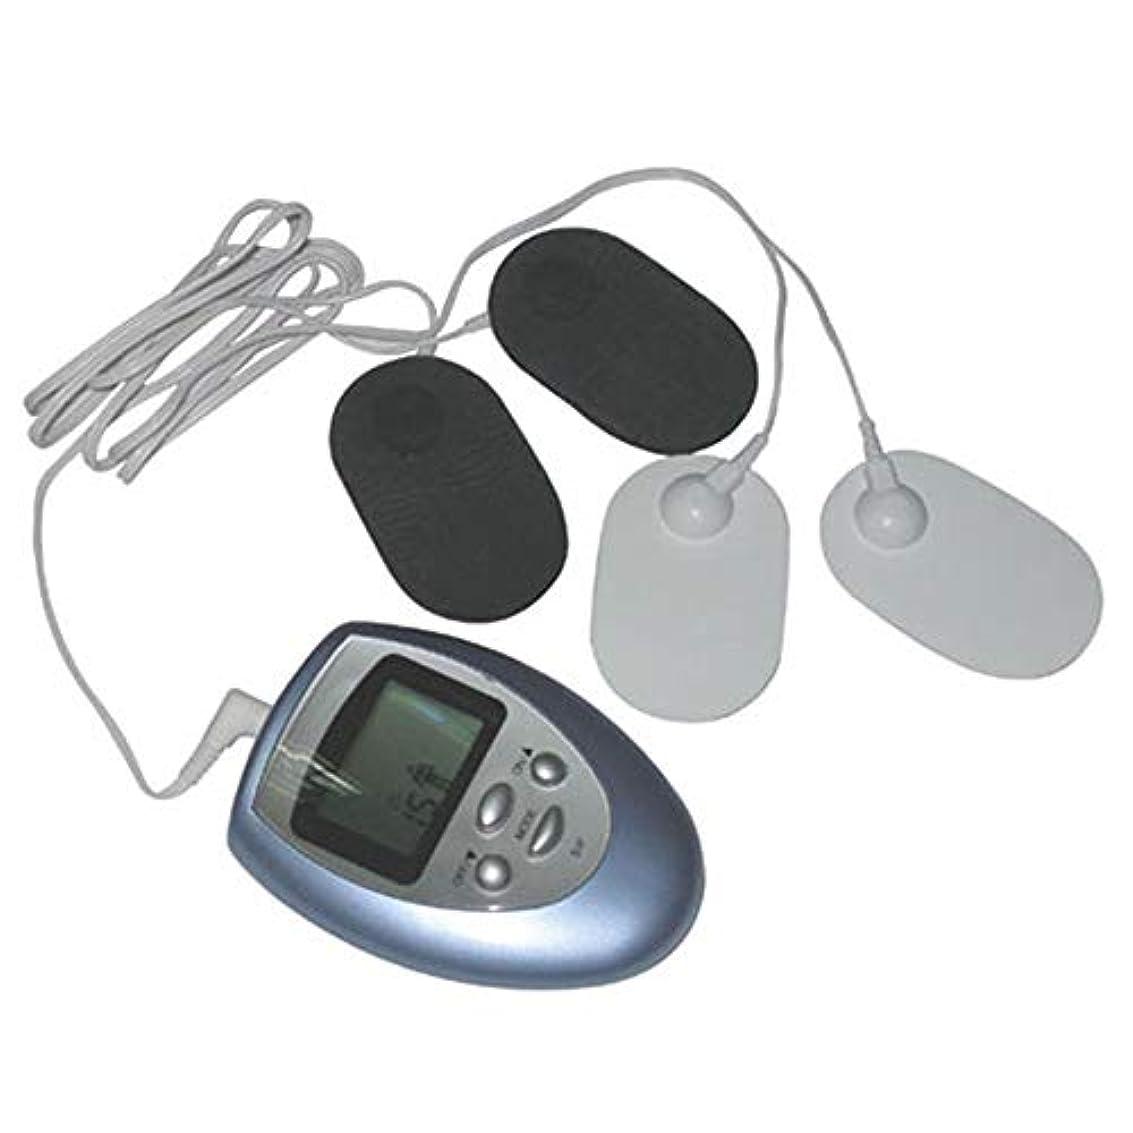 相続人紀元前資産ポータブル電気刺激装置、パルスマッサージャーマッスルスティミュレーター4個のパッドを備えたユニット8個の痛みを軽減するためのモードブルー